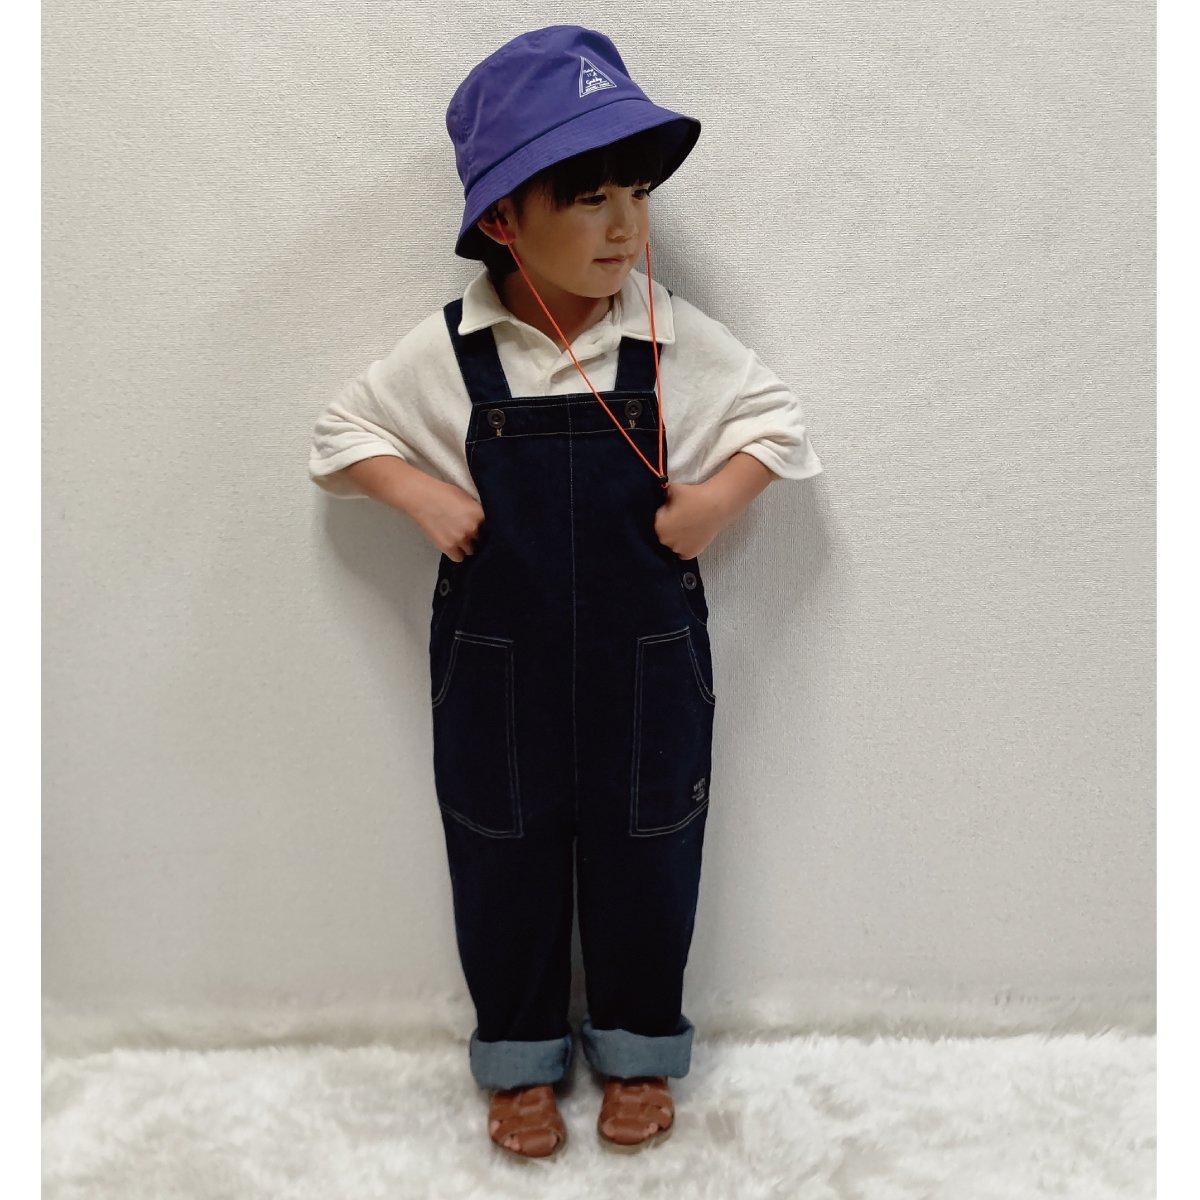 【KIDS】Kids Obey Hat 詳細画像28